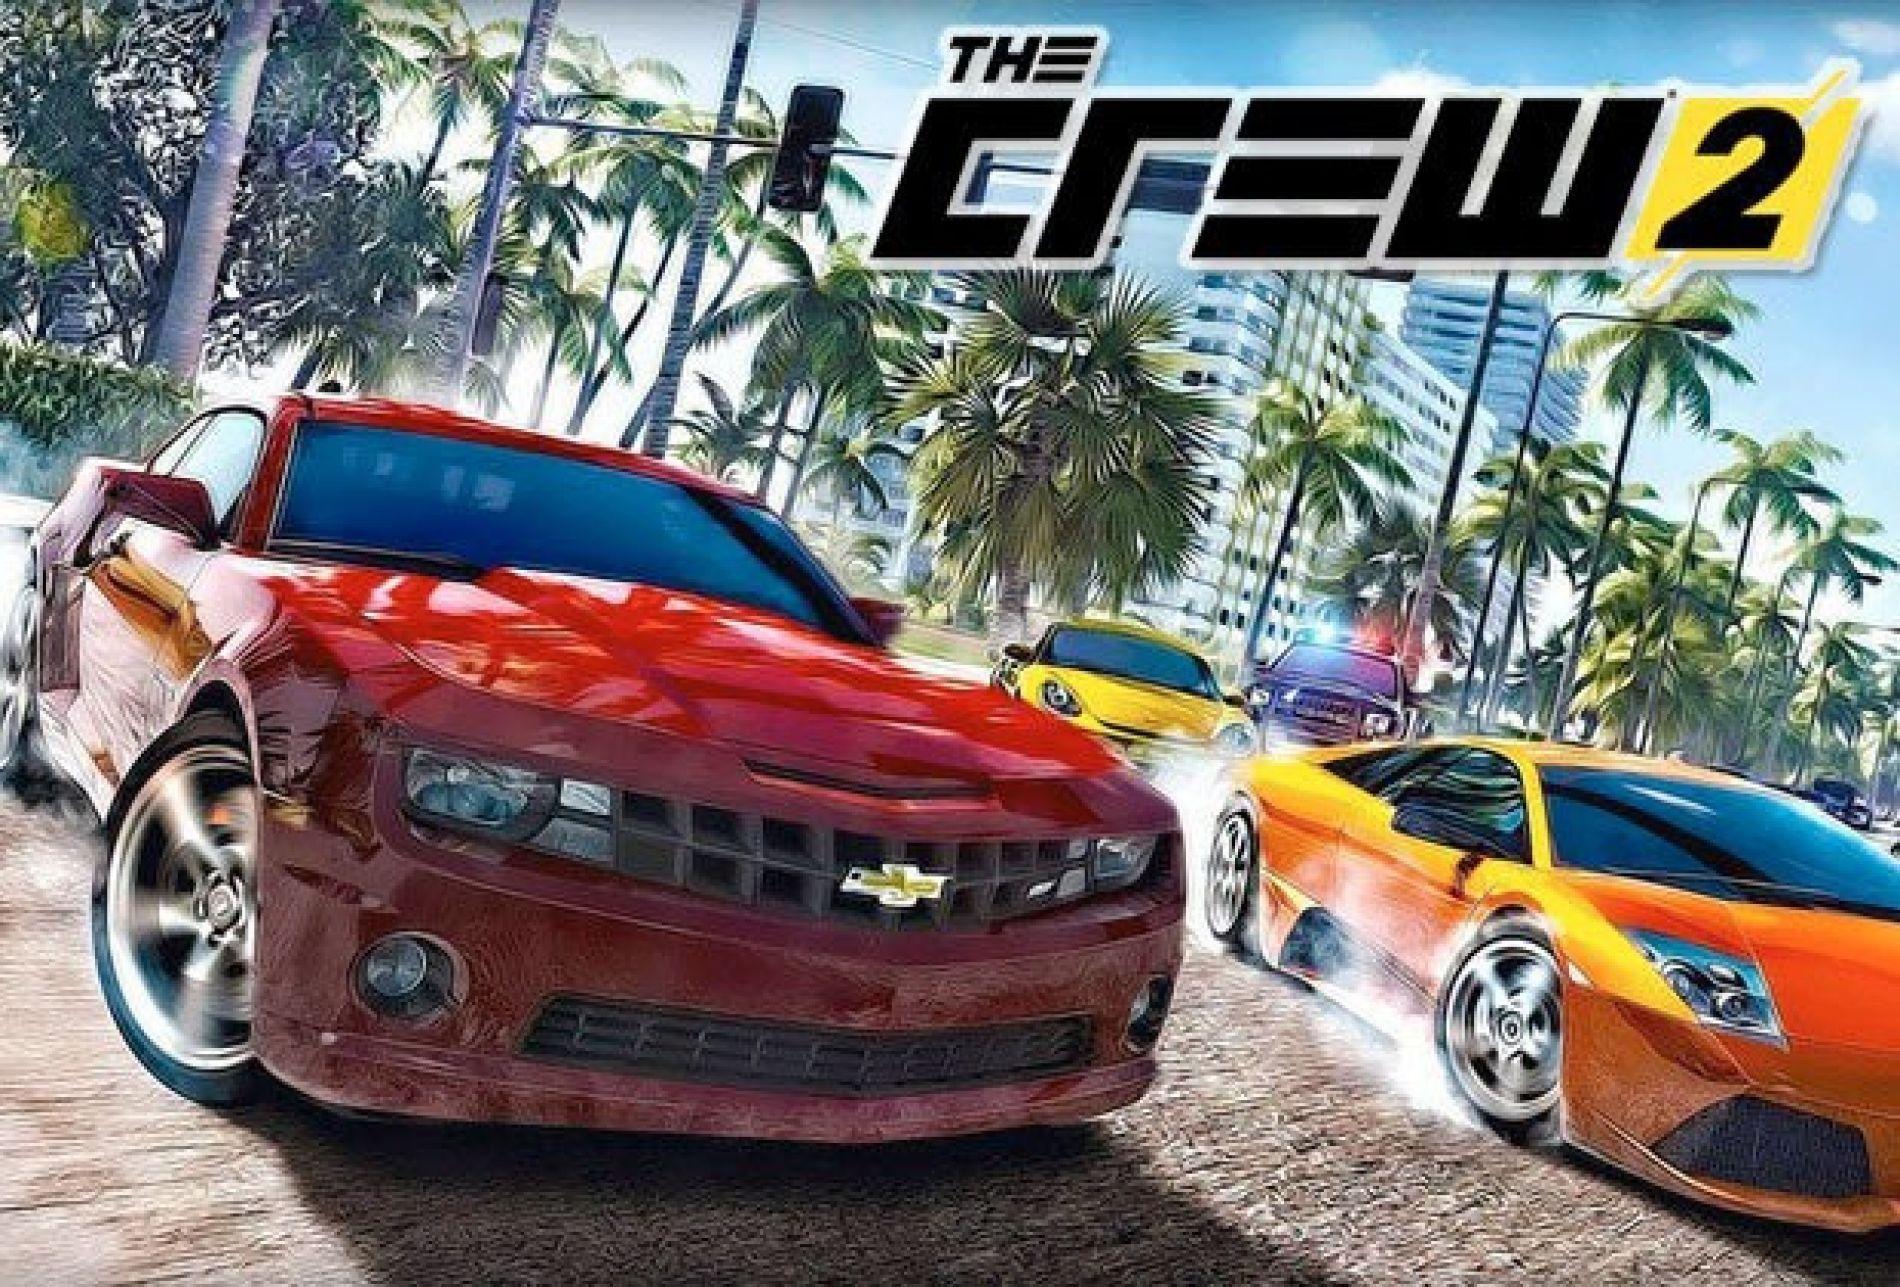 17 Spinnin' & MusicAllStars songs in 'The Crew 2' (Game)